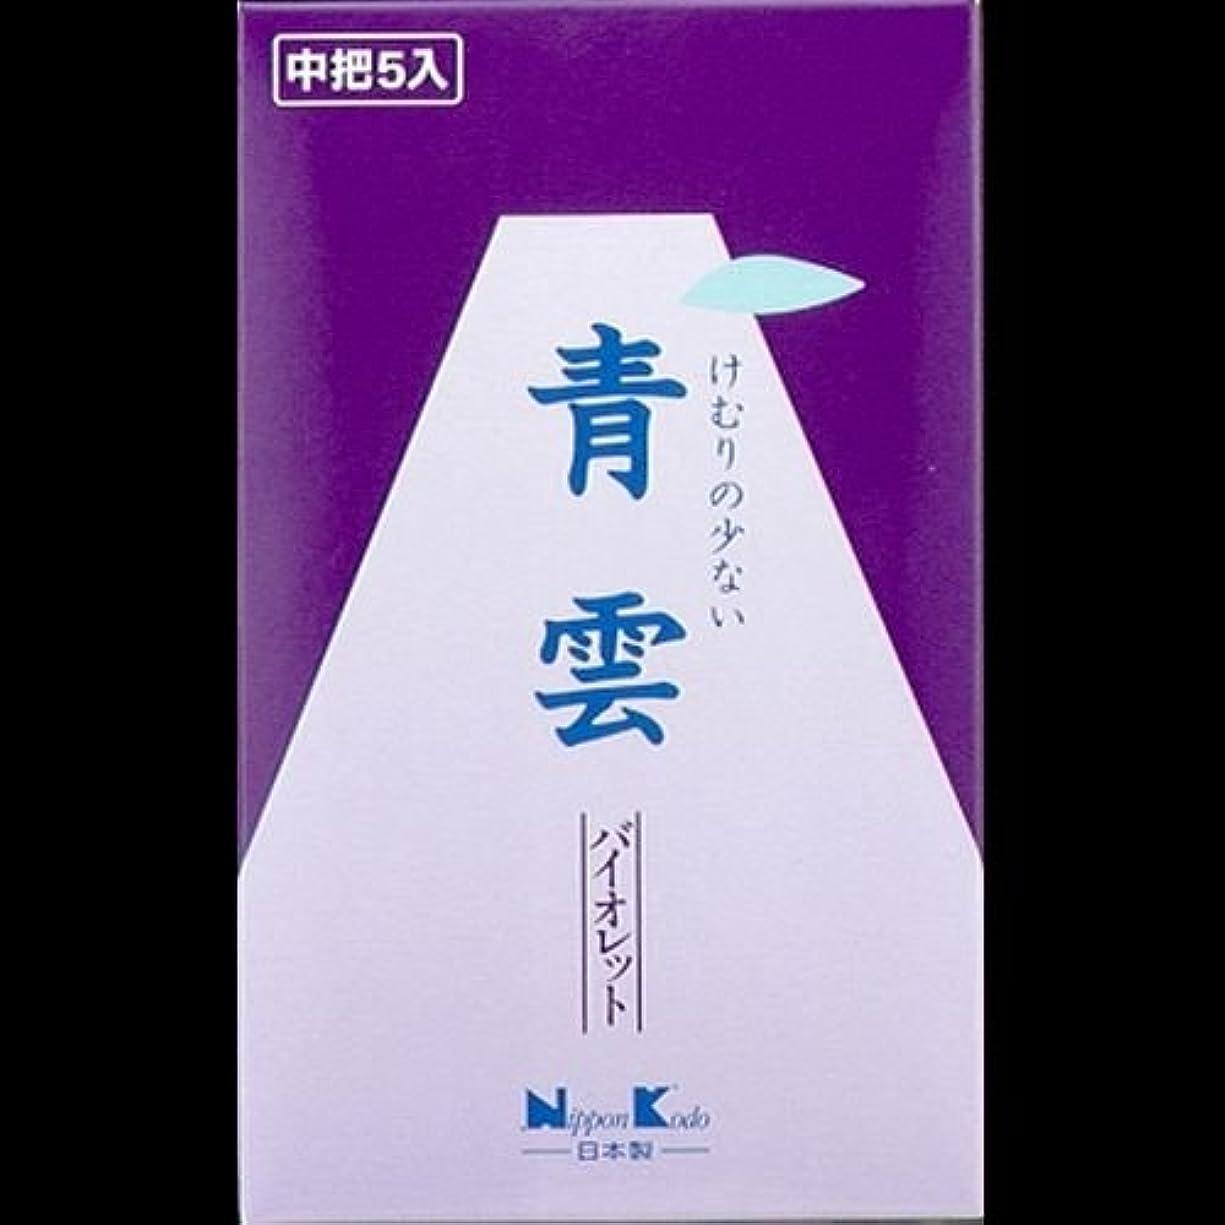 ダイヤモンドかわす珍しい【まとめ買い】青雲 バイオレット 中把5入 19gx5 ×2セット